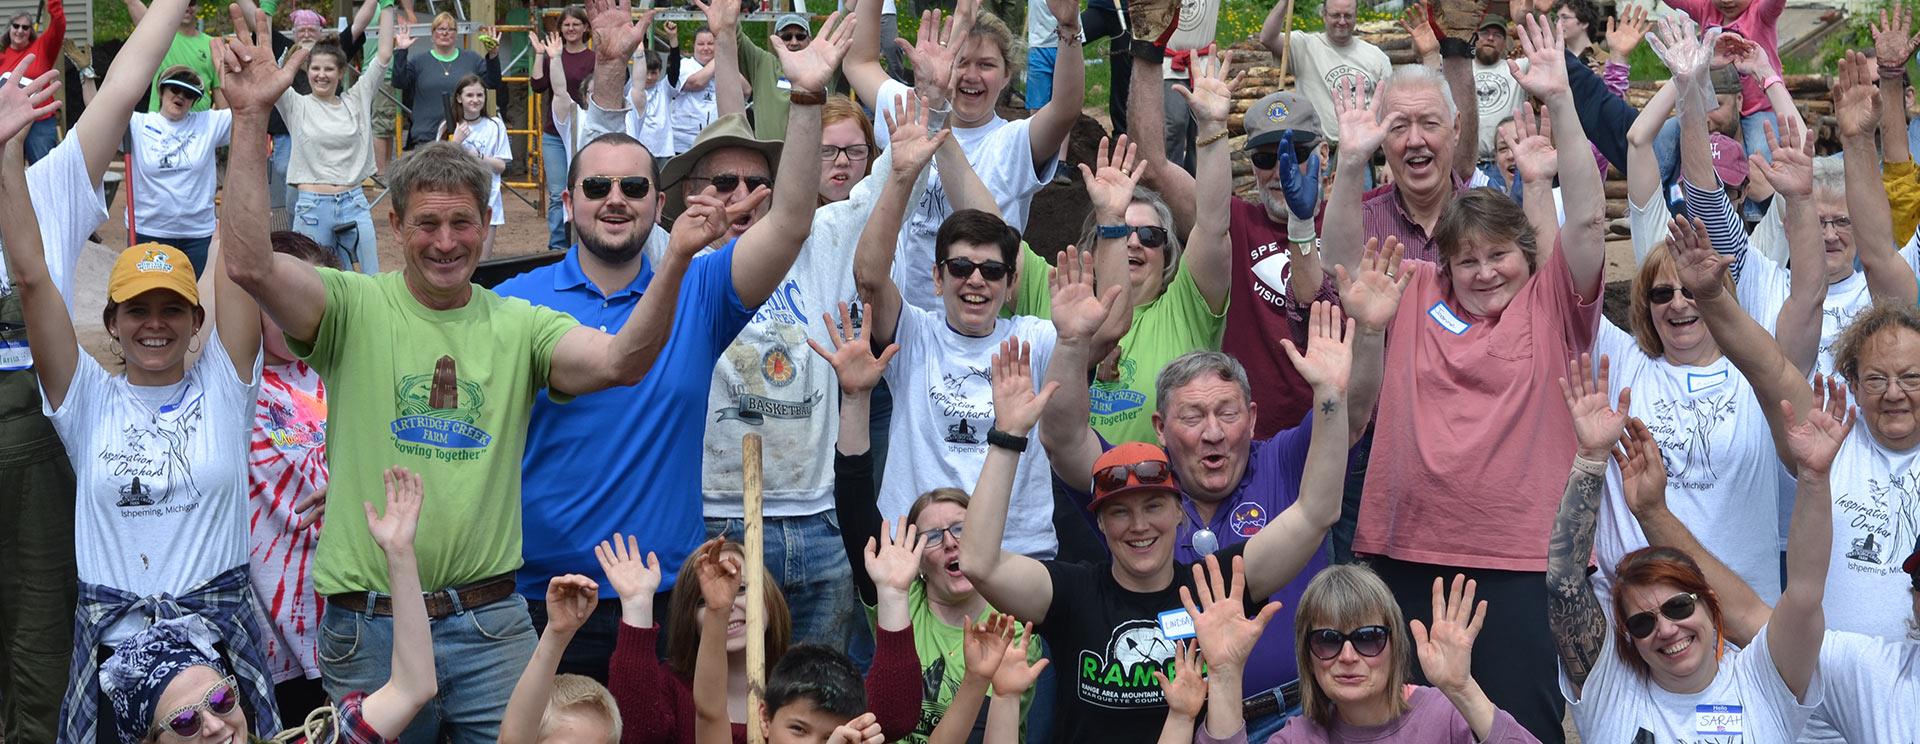 volunteers-cheering-banner